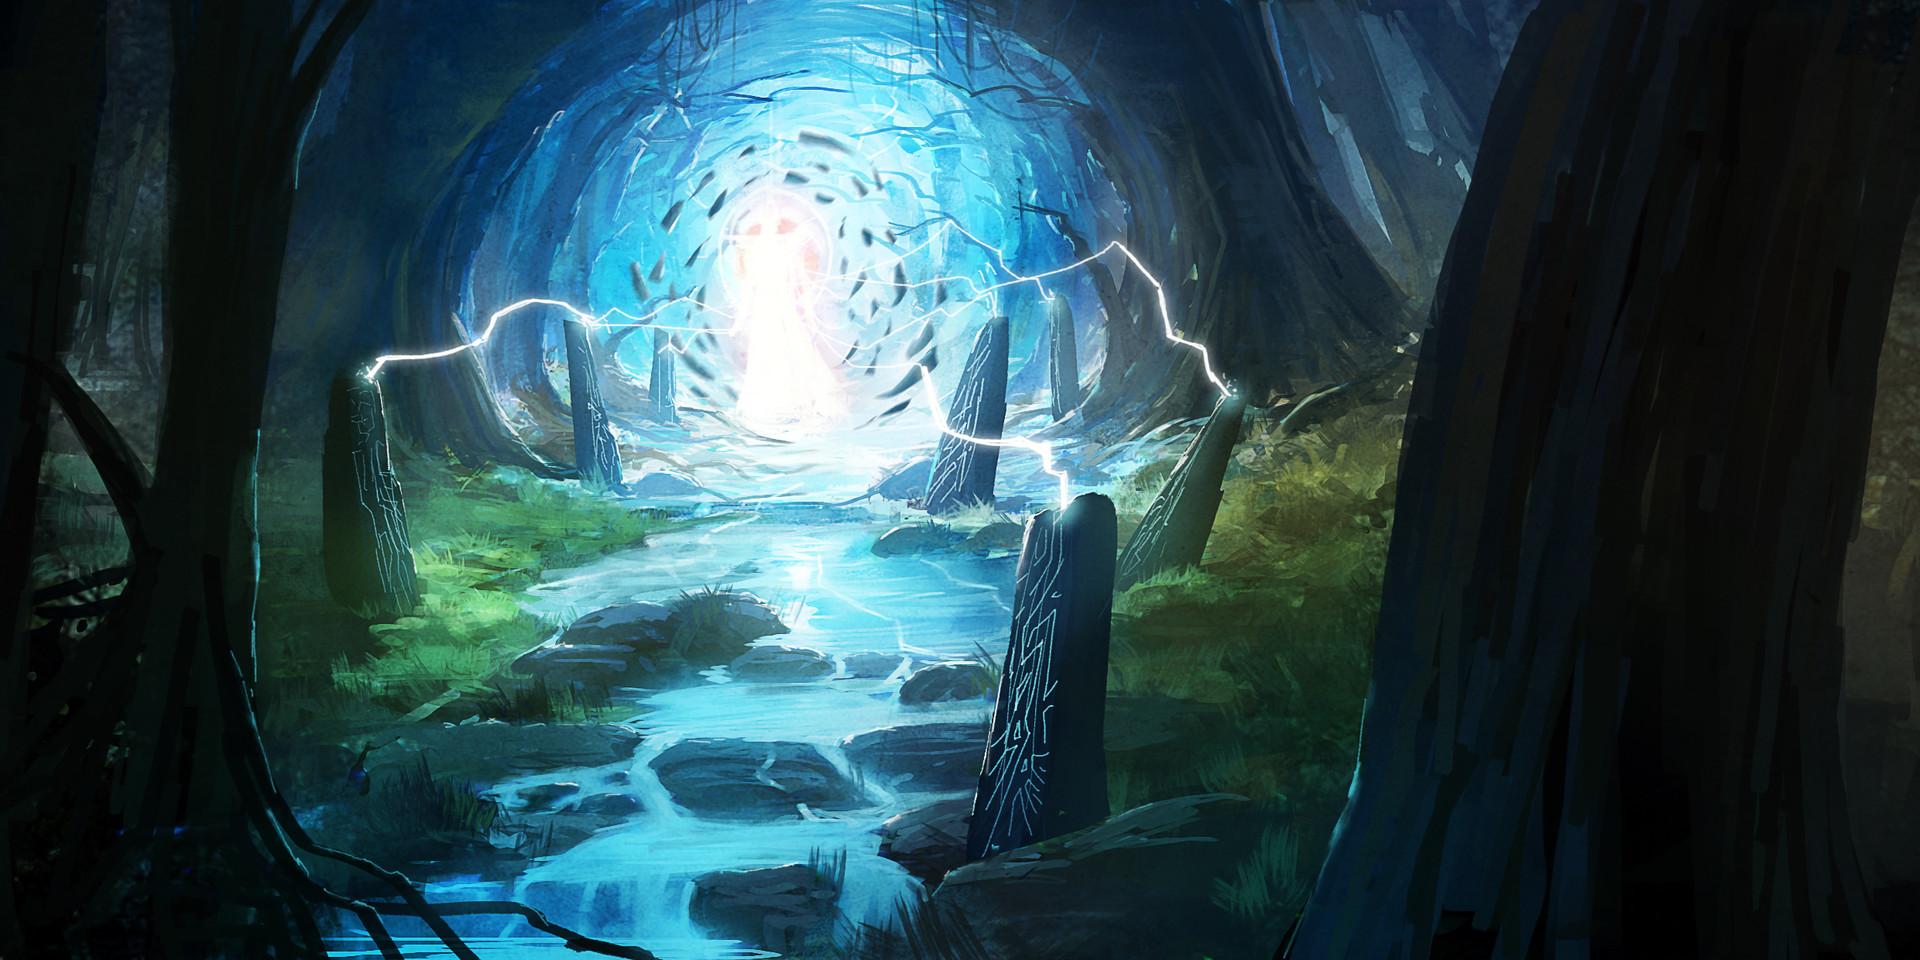 Strange Door in the Woods by Godwin Akpan